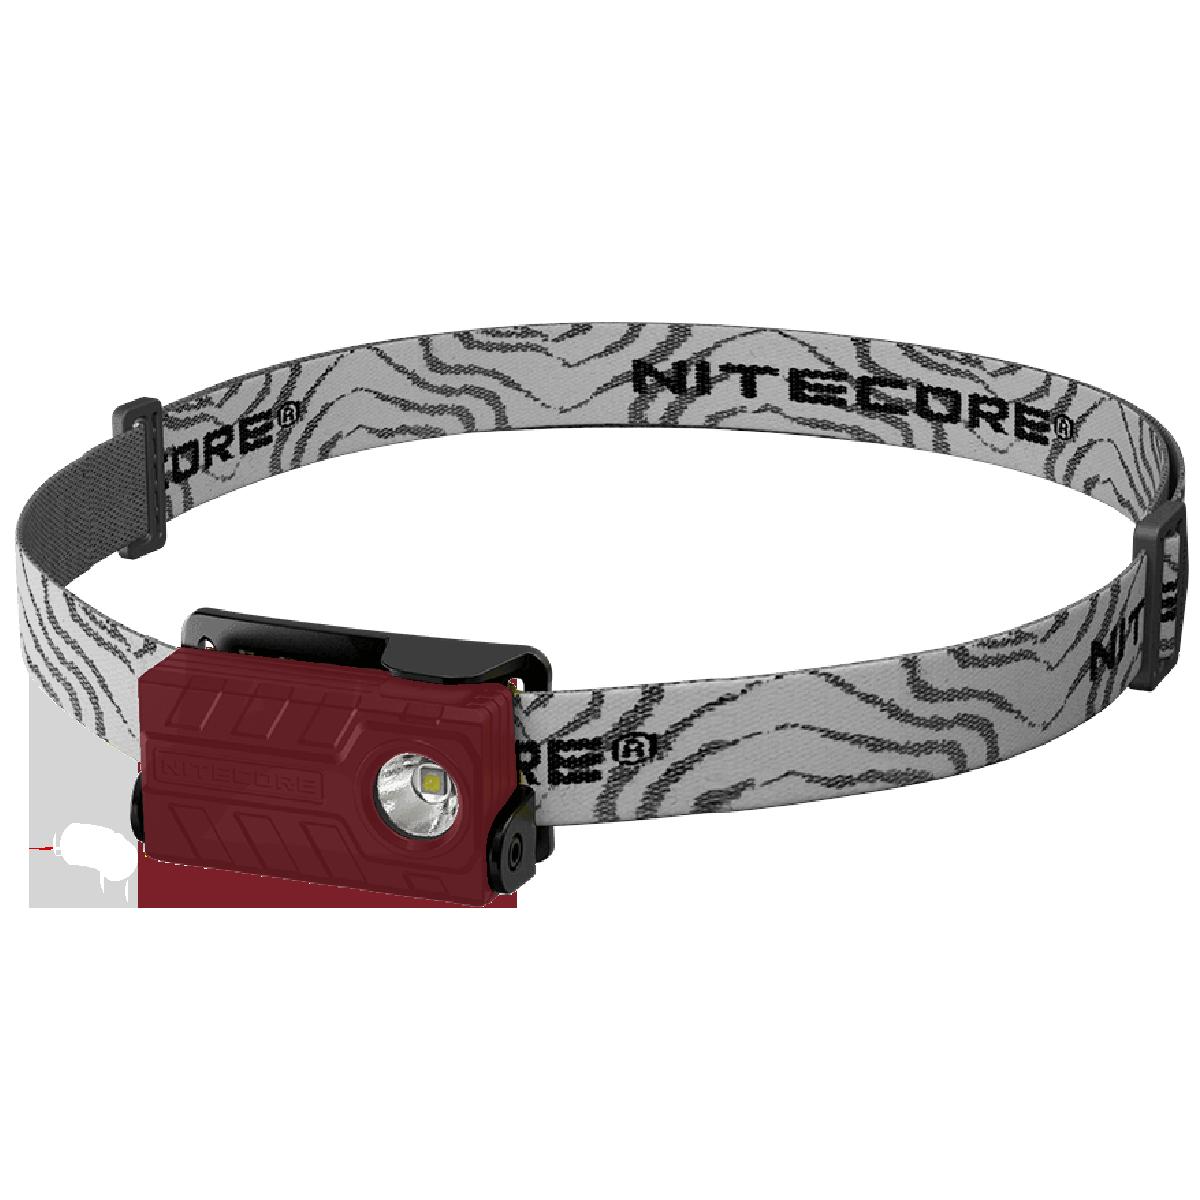 bd6a8f5d72e9 Фонарь налобный Nitecore NU20 360 люмен USB красный купить | Leitos ...